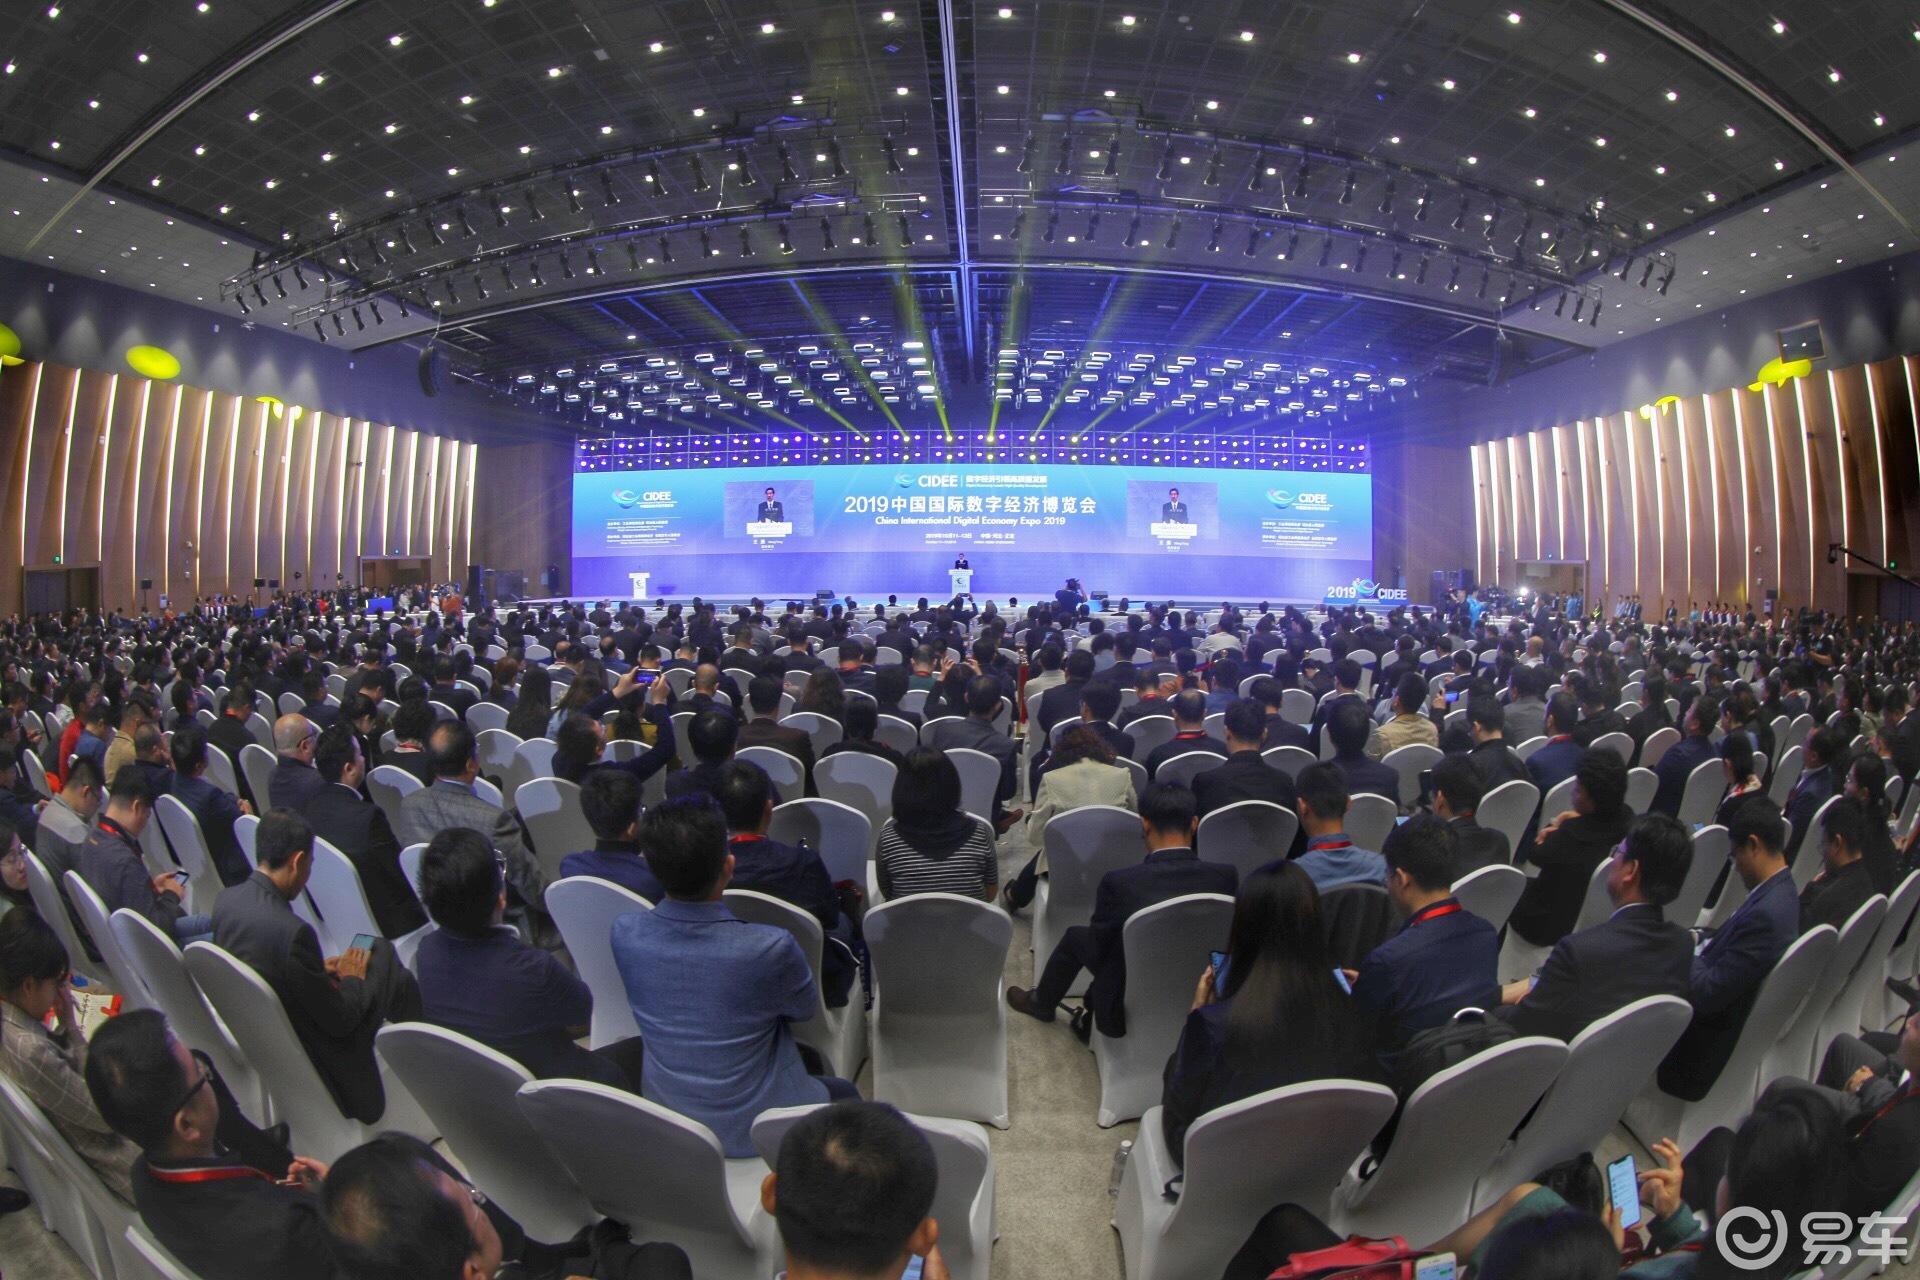 2019数博会大秀数字化魅力 长城汽车智慧科技备受瞩目